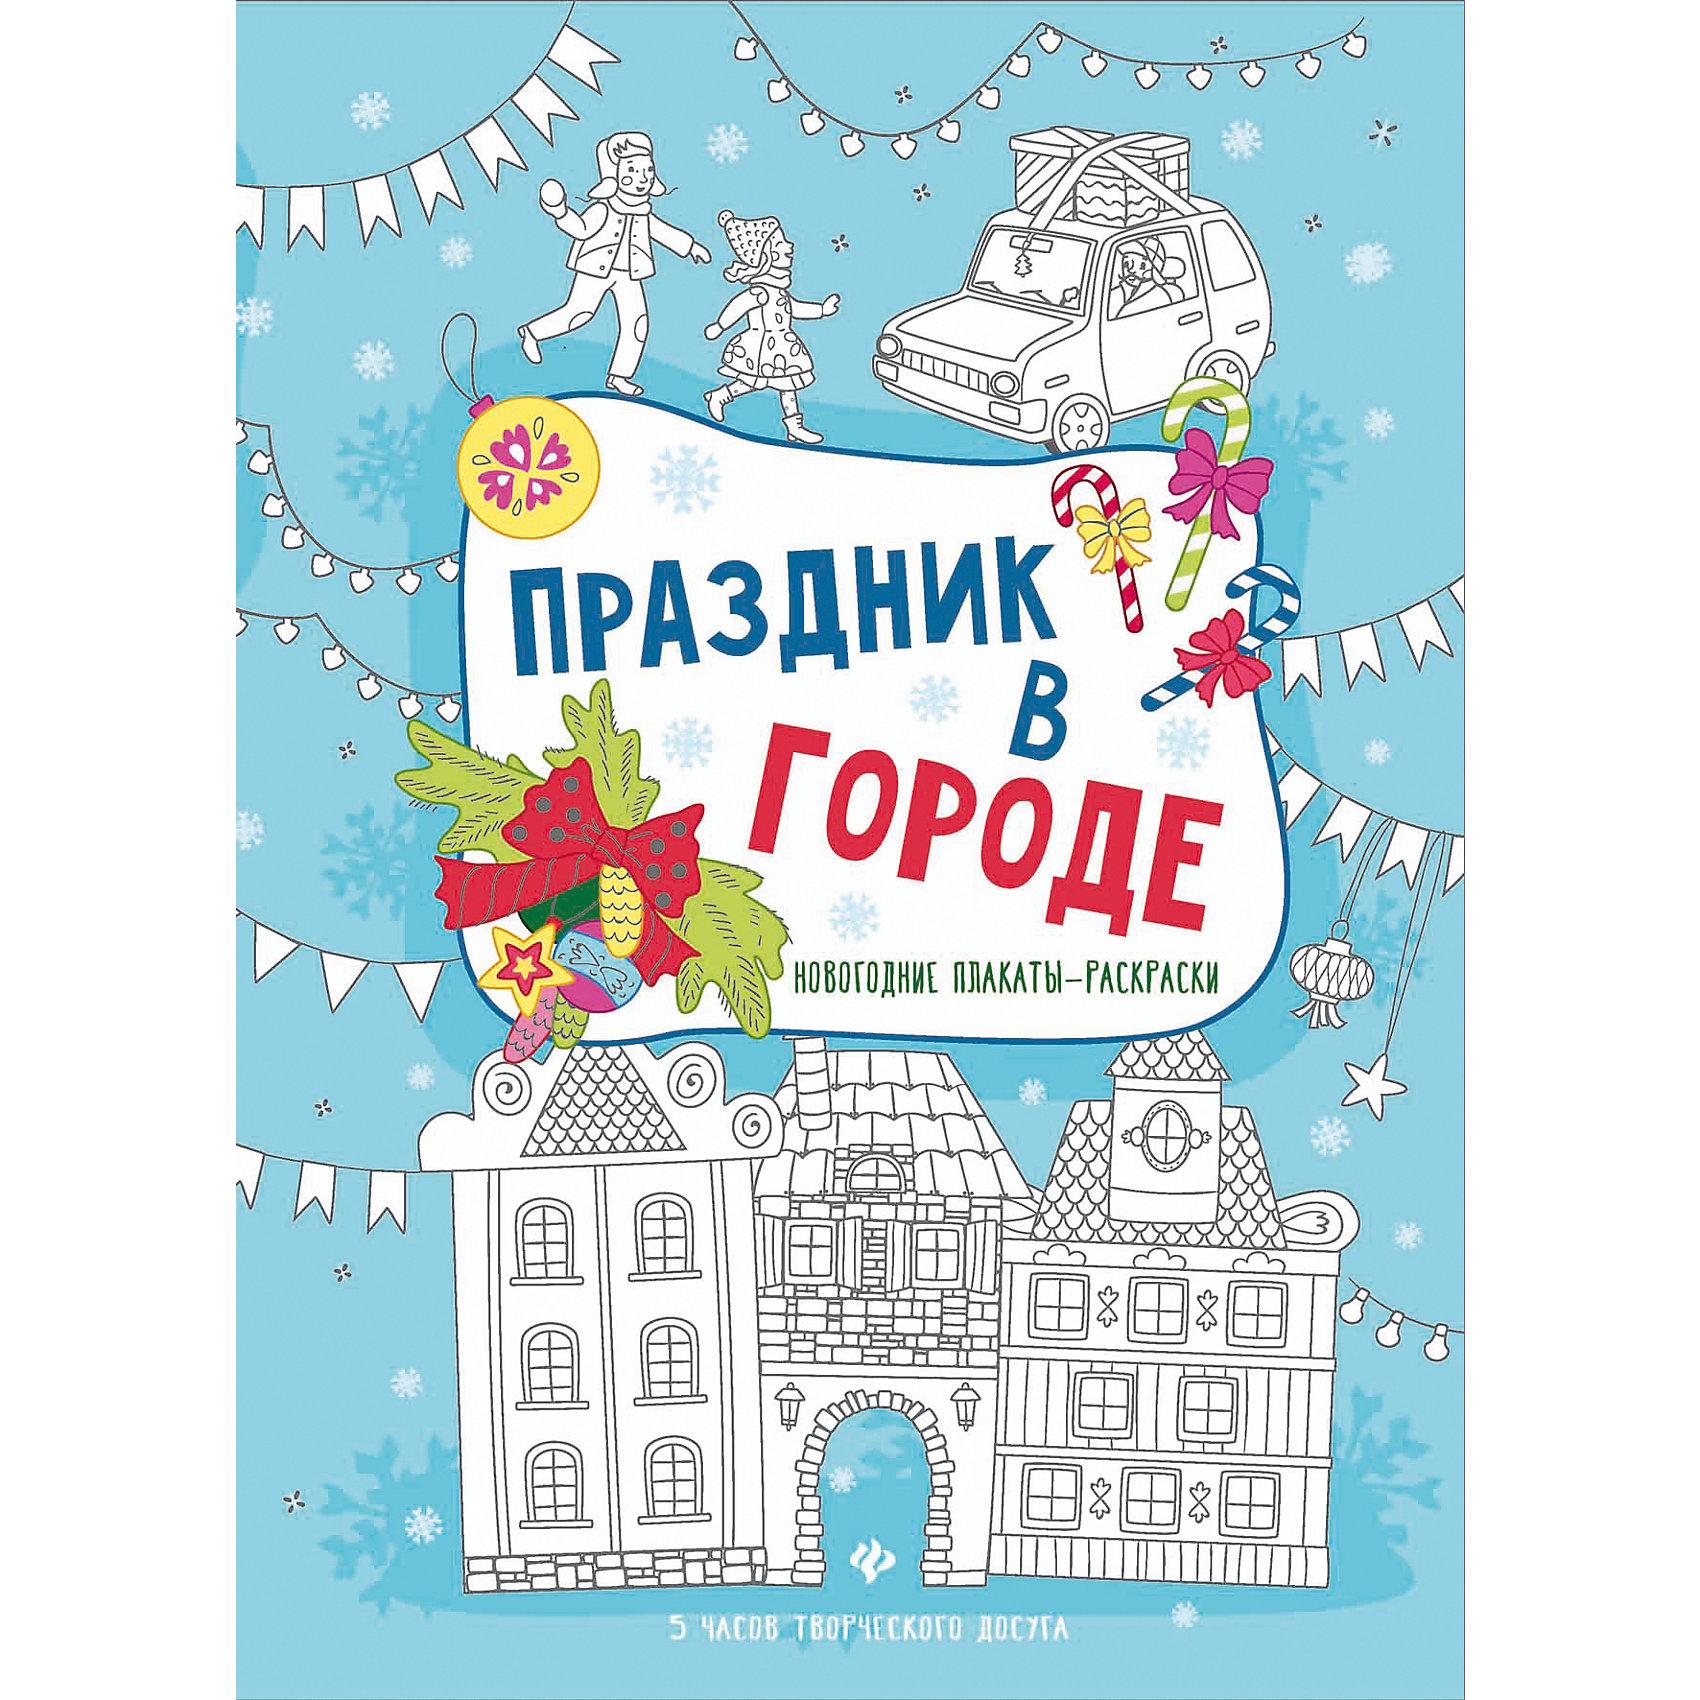 Праздник в городе: книжка-плакатНовогодние книги<br>Перед вами огромная раскраска - настоящий зимний мир, наполненный множеством интересных деталей и праздничной атмосферой. Этот мир можно рассматривать, рассказывать про него истории и, конечно, раскрашивать.<br><br>Ширина мм: 291<br>Глубина мм: 207<br>Высота мм: 1<br>Вес г: 41<br>Возраст от месяцев: 12<br>Возраст до месяцев: 72<br>Пол: Унисекс<br>Возраст: Детский<br>SKU: 5120182